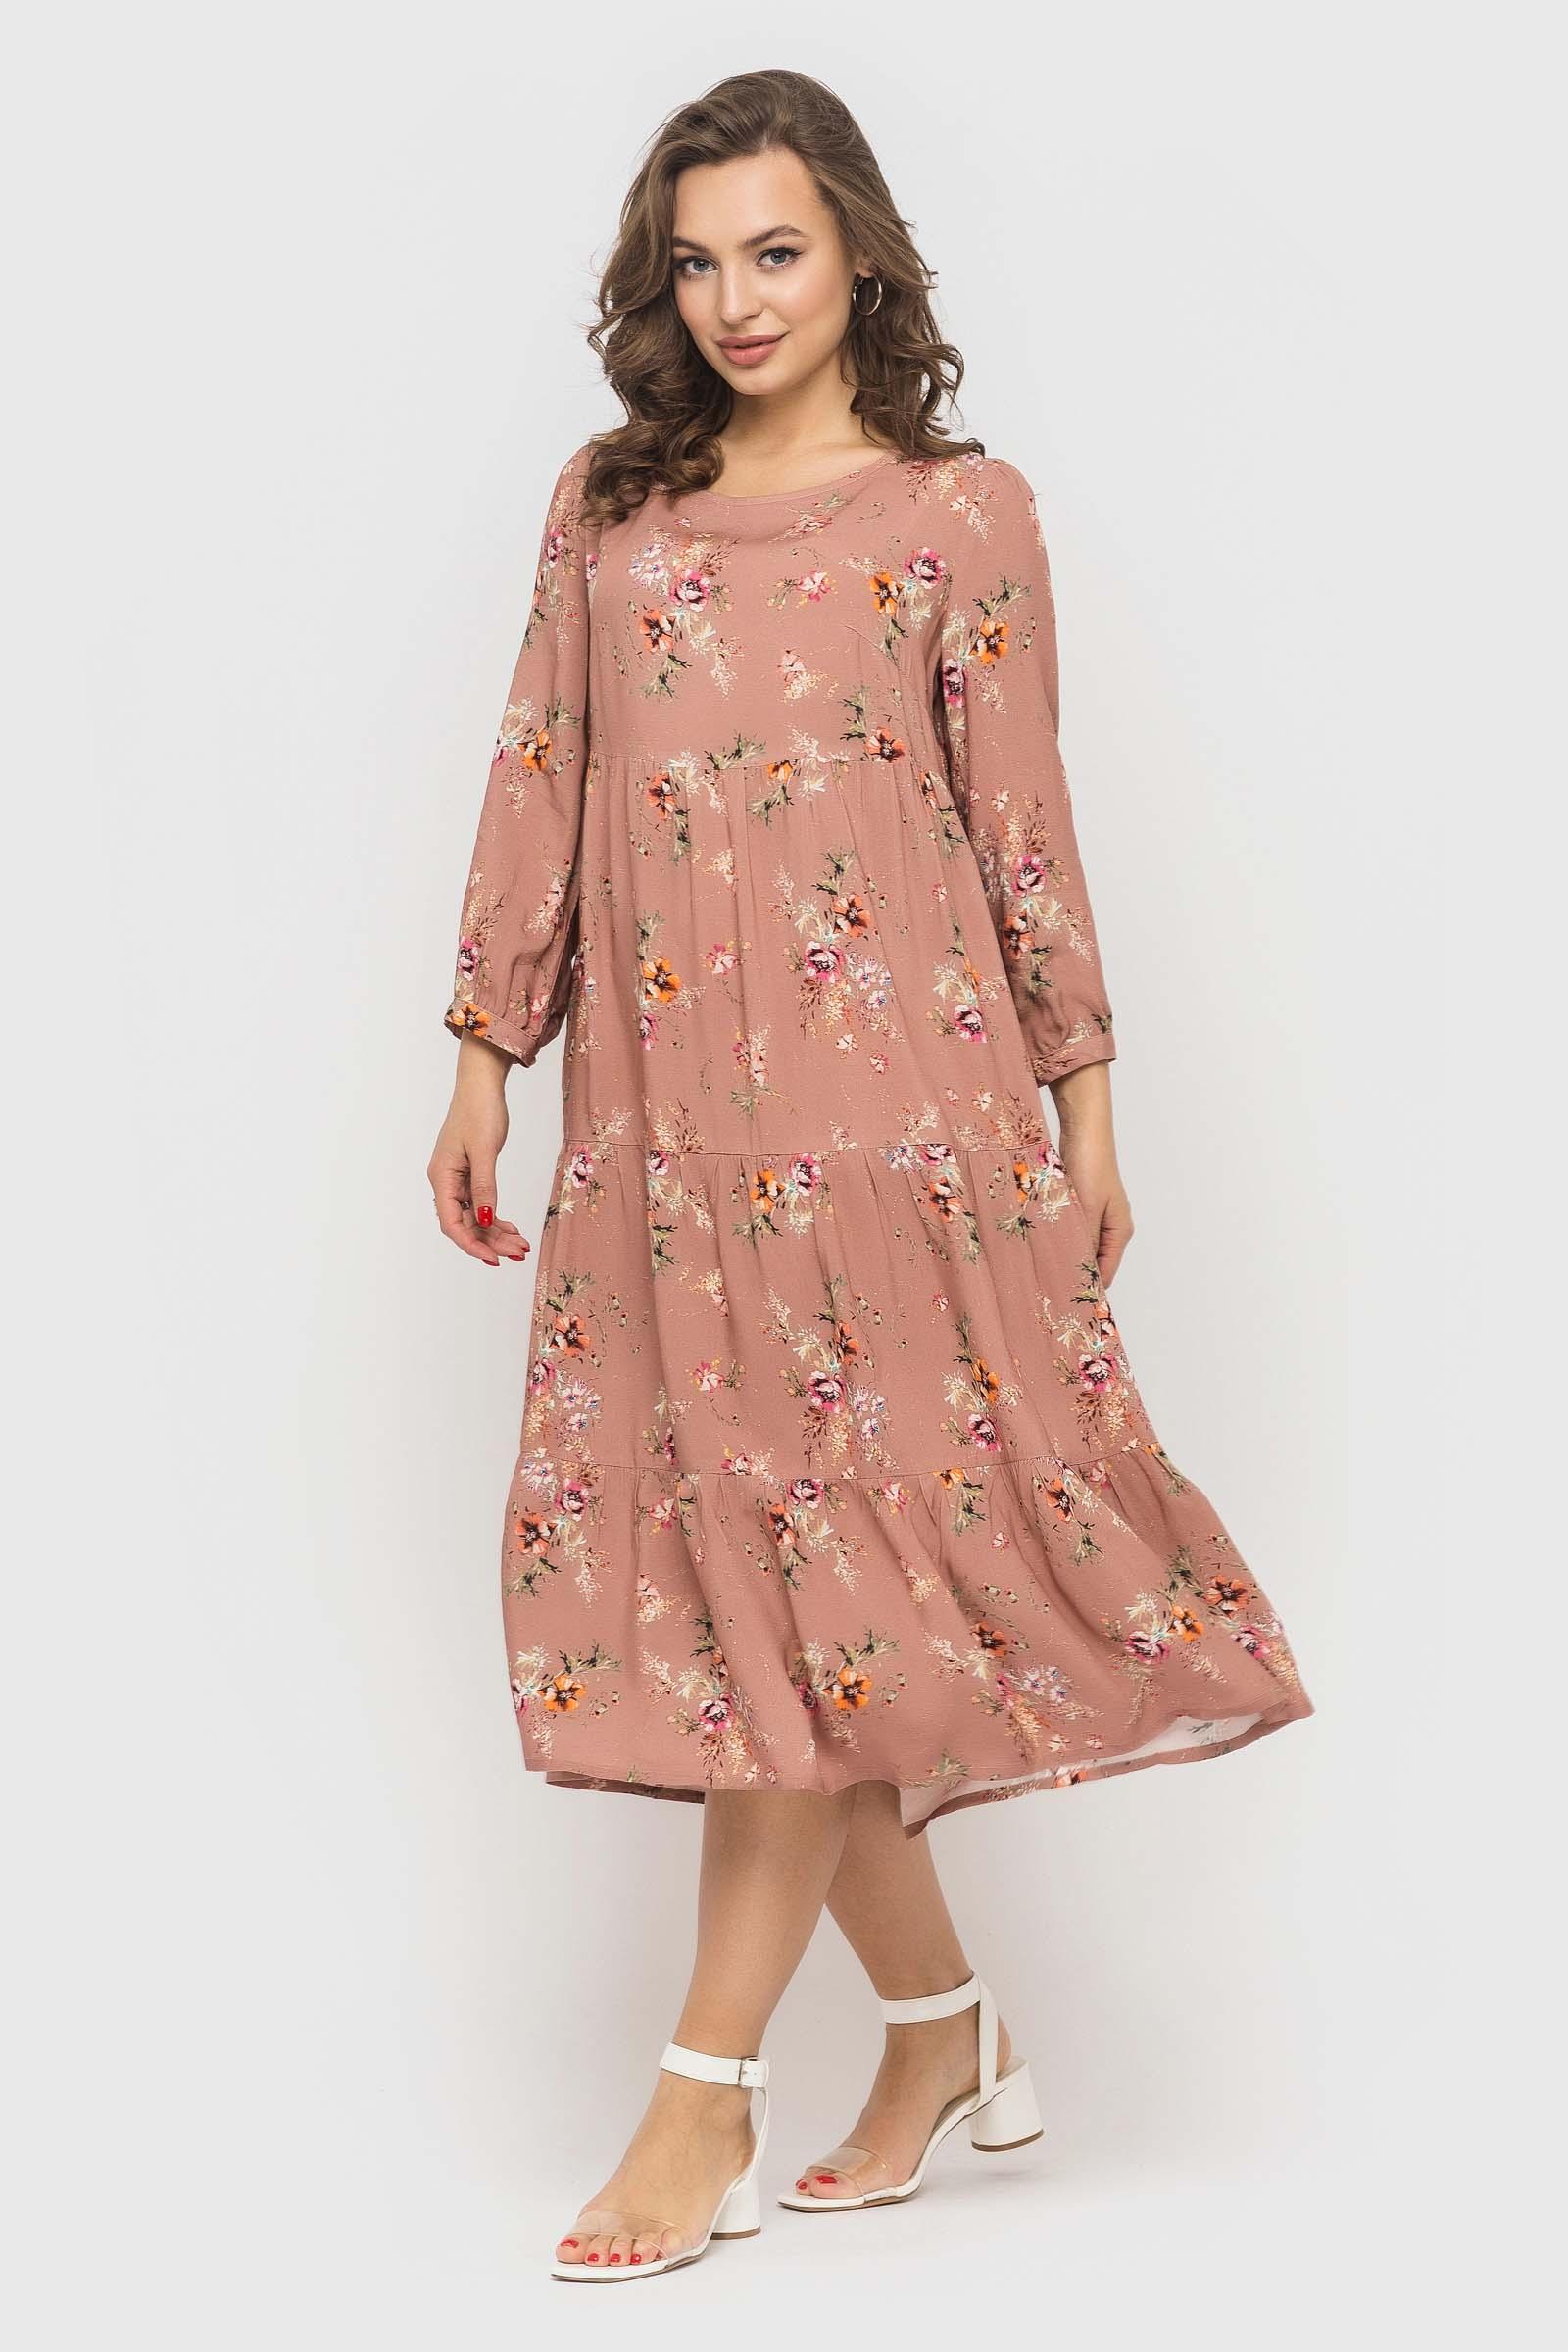 be art 2020 04 07182398 Купить платье